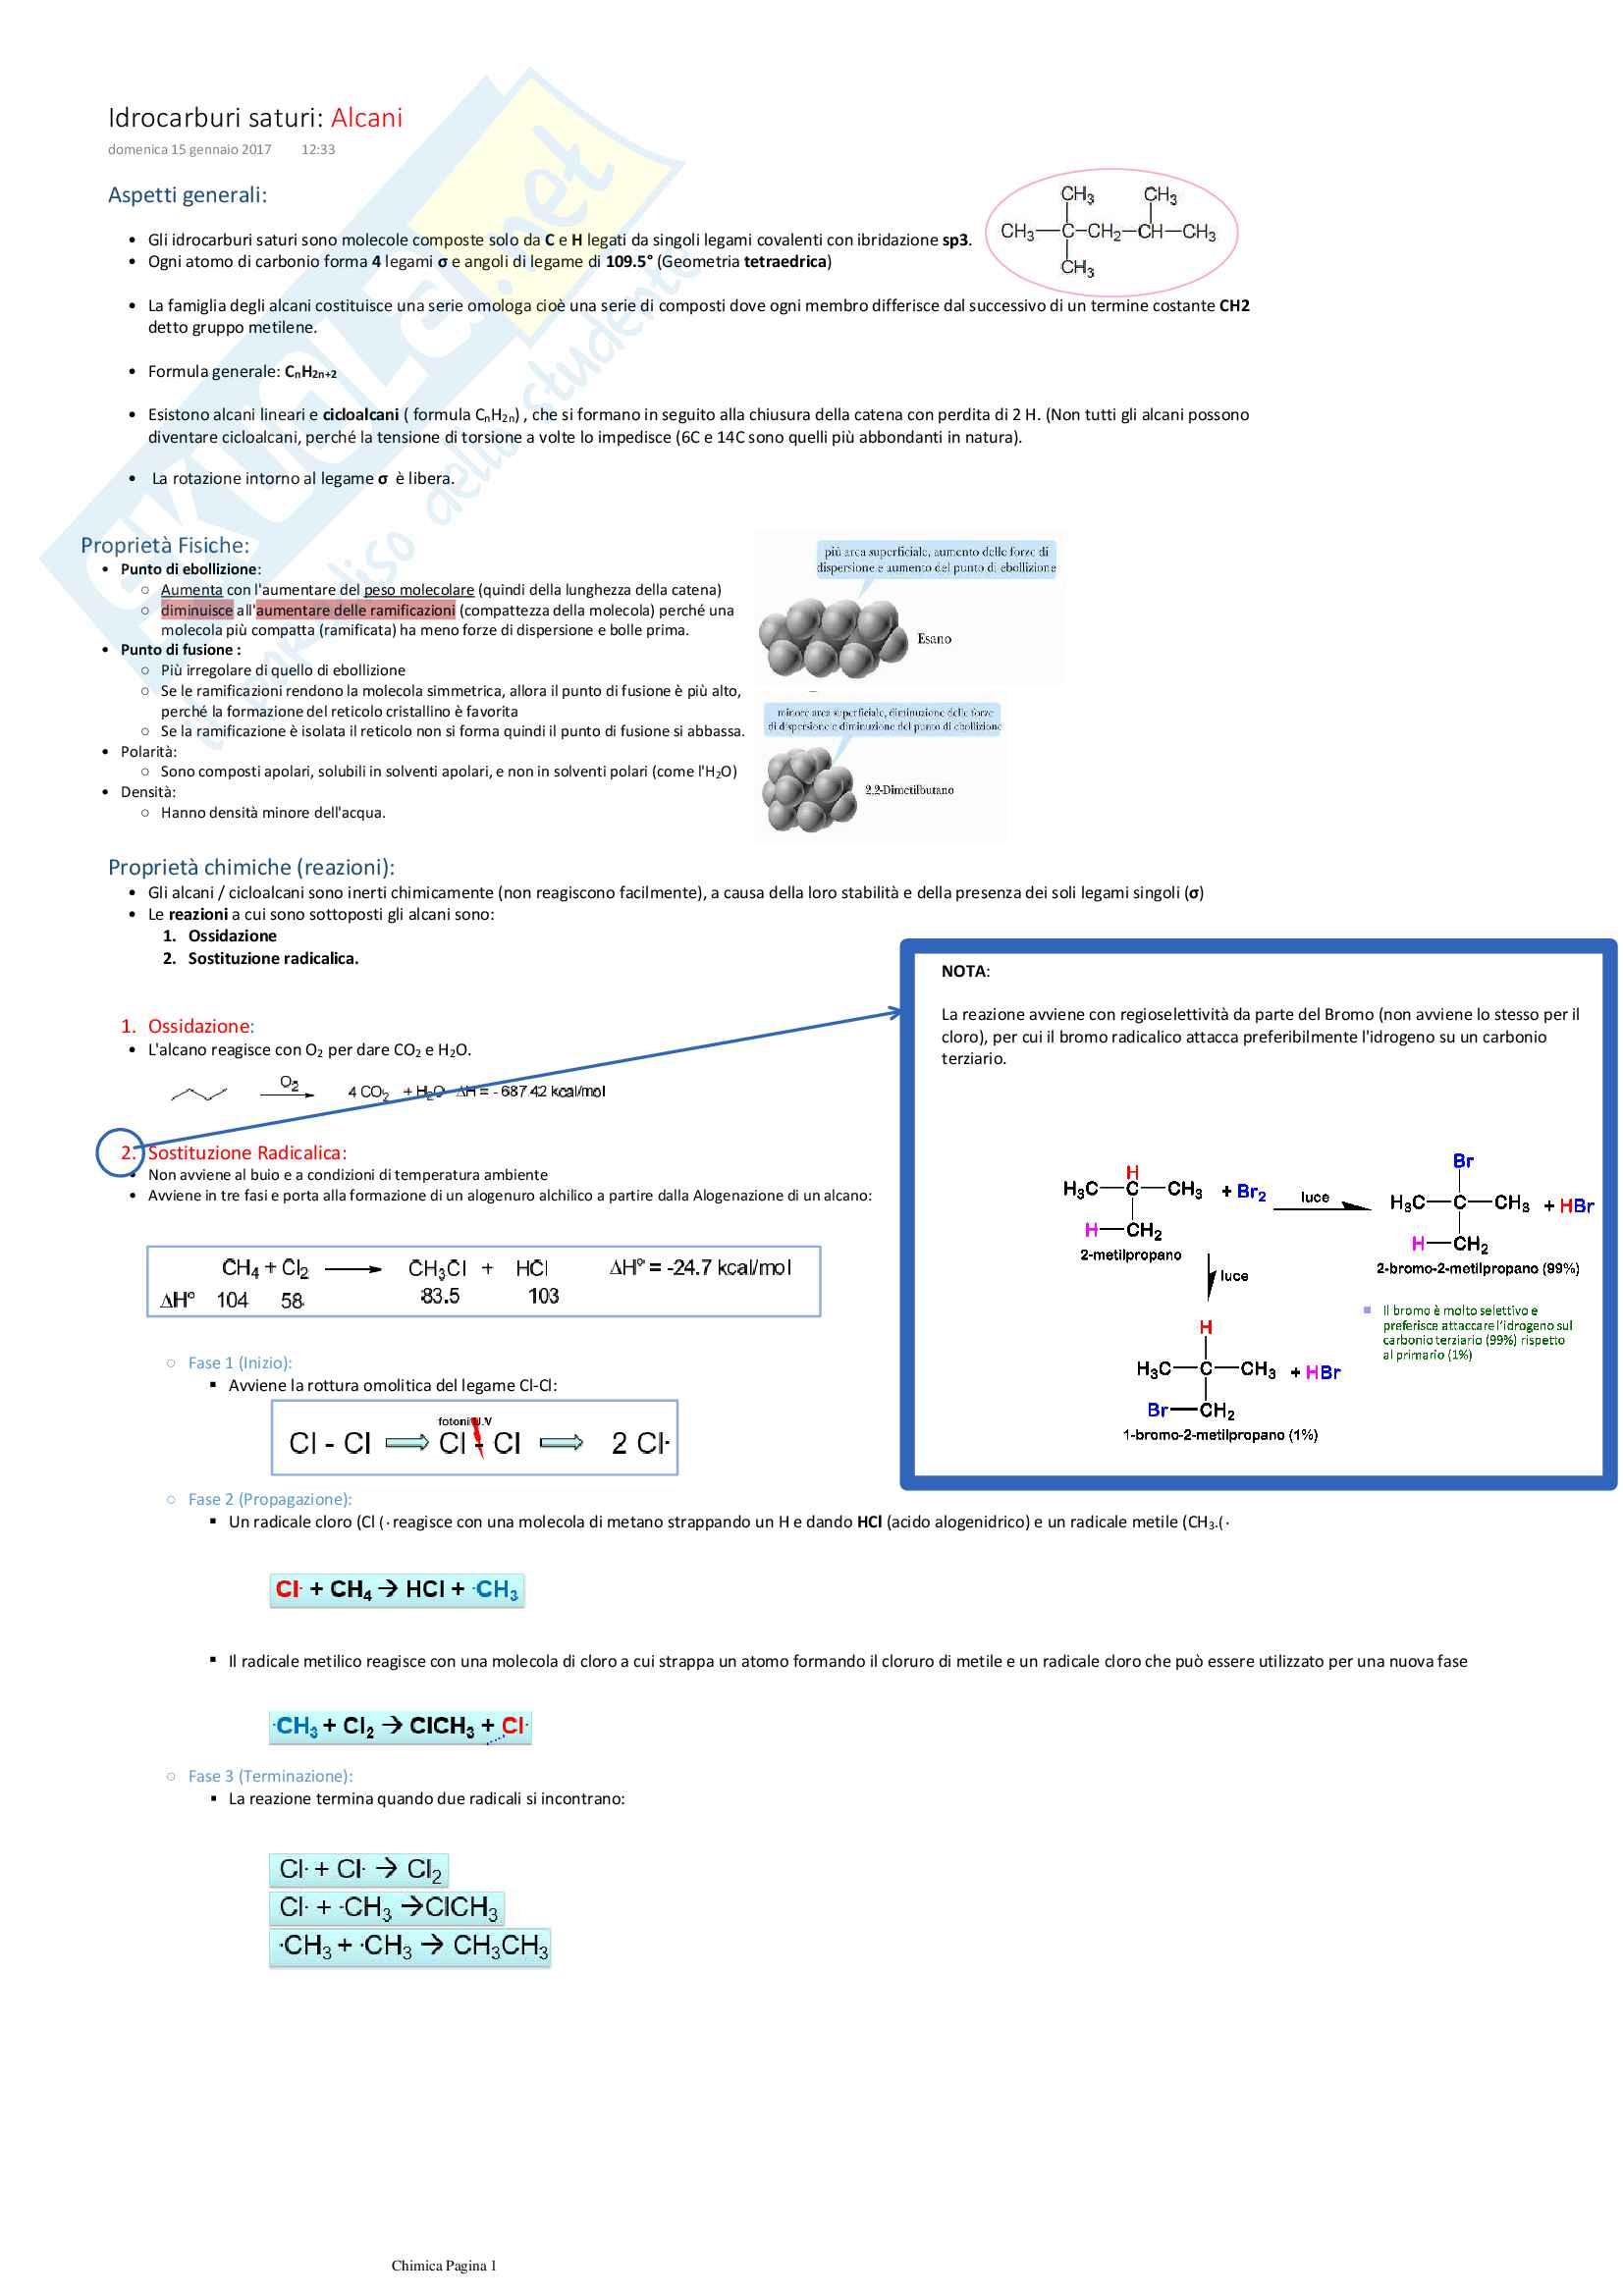 Chimica organica - Schemi riassuntivi: Caratteri generali, proprietà fisico-chimiche, reazioni di tutte le molecole organiche